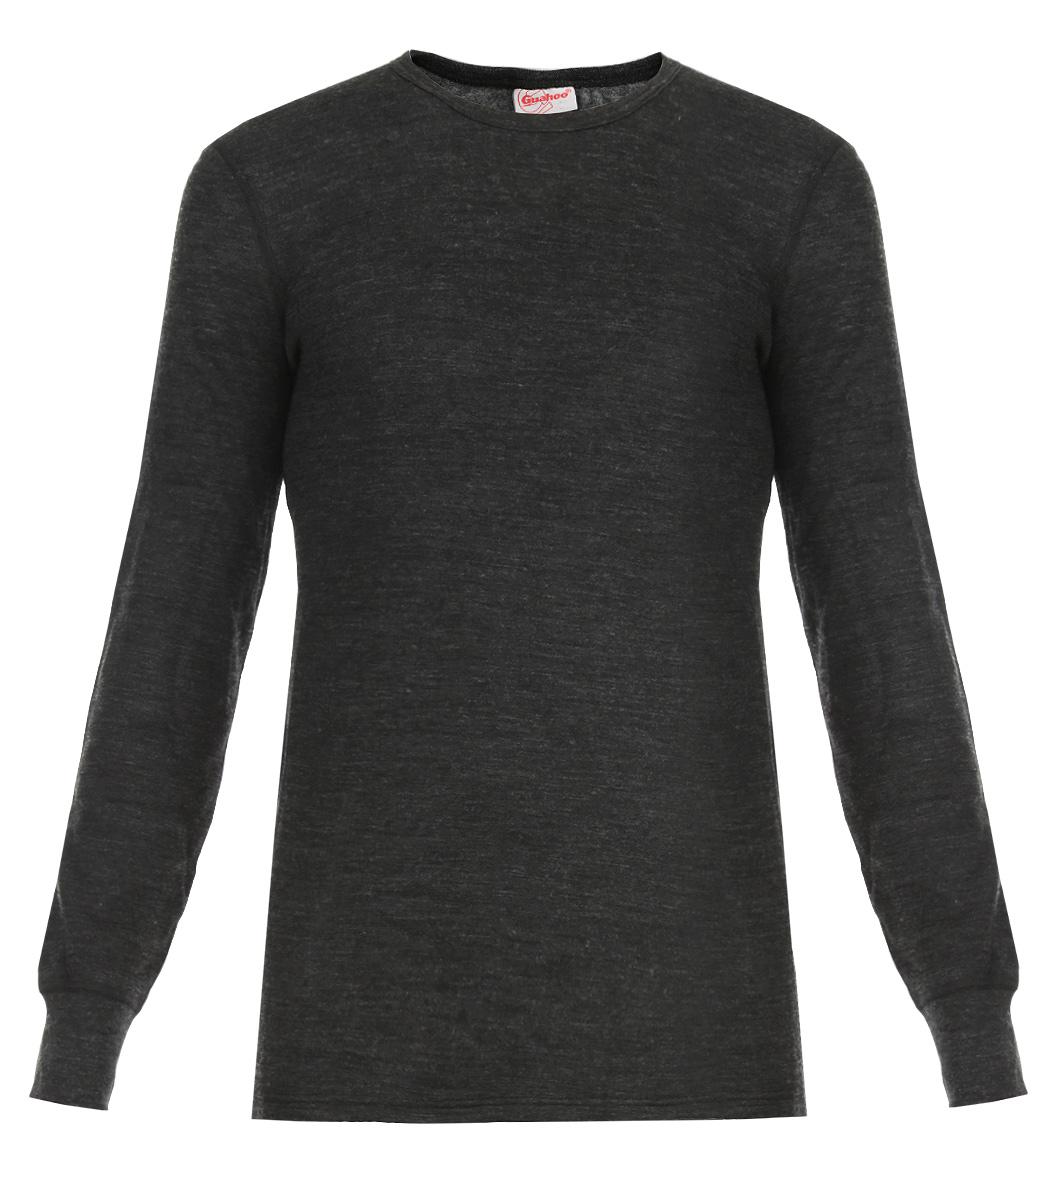 Термобелье футболка с длинным рукавом мужская Guahoo Everyday, цвет: темно-серый. 21-0460-S. Размер L (52)21-0460-SДвухслойная мужская футболка с длинным рукавом Guahoo Everyday подходит для повседневной носки в холодную погоду. Идеальное сочетание различных видов пряжи с добавлением натуральной шерсти во внешнем слое, а также специальное плетение обеспечивают эффективное сохранение тепла. Внутренний слой полотна - из мягкой акриловой пряжи, которая по своим теплосберегающим свойствам не уступает шерсти. Начес на внутренней стороне полотна лучше сохраняет тепло за счет дополнительной воздушной прослойки.Футболка с длинными рукавами и круглым вырезом горловины оформлена небольшой нашивкой с названием бренда. Рукава дополнены широкими трикотажными манжетами.Рекомендуемый температурный режим от -20°С до -40°С.